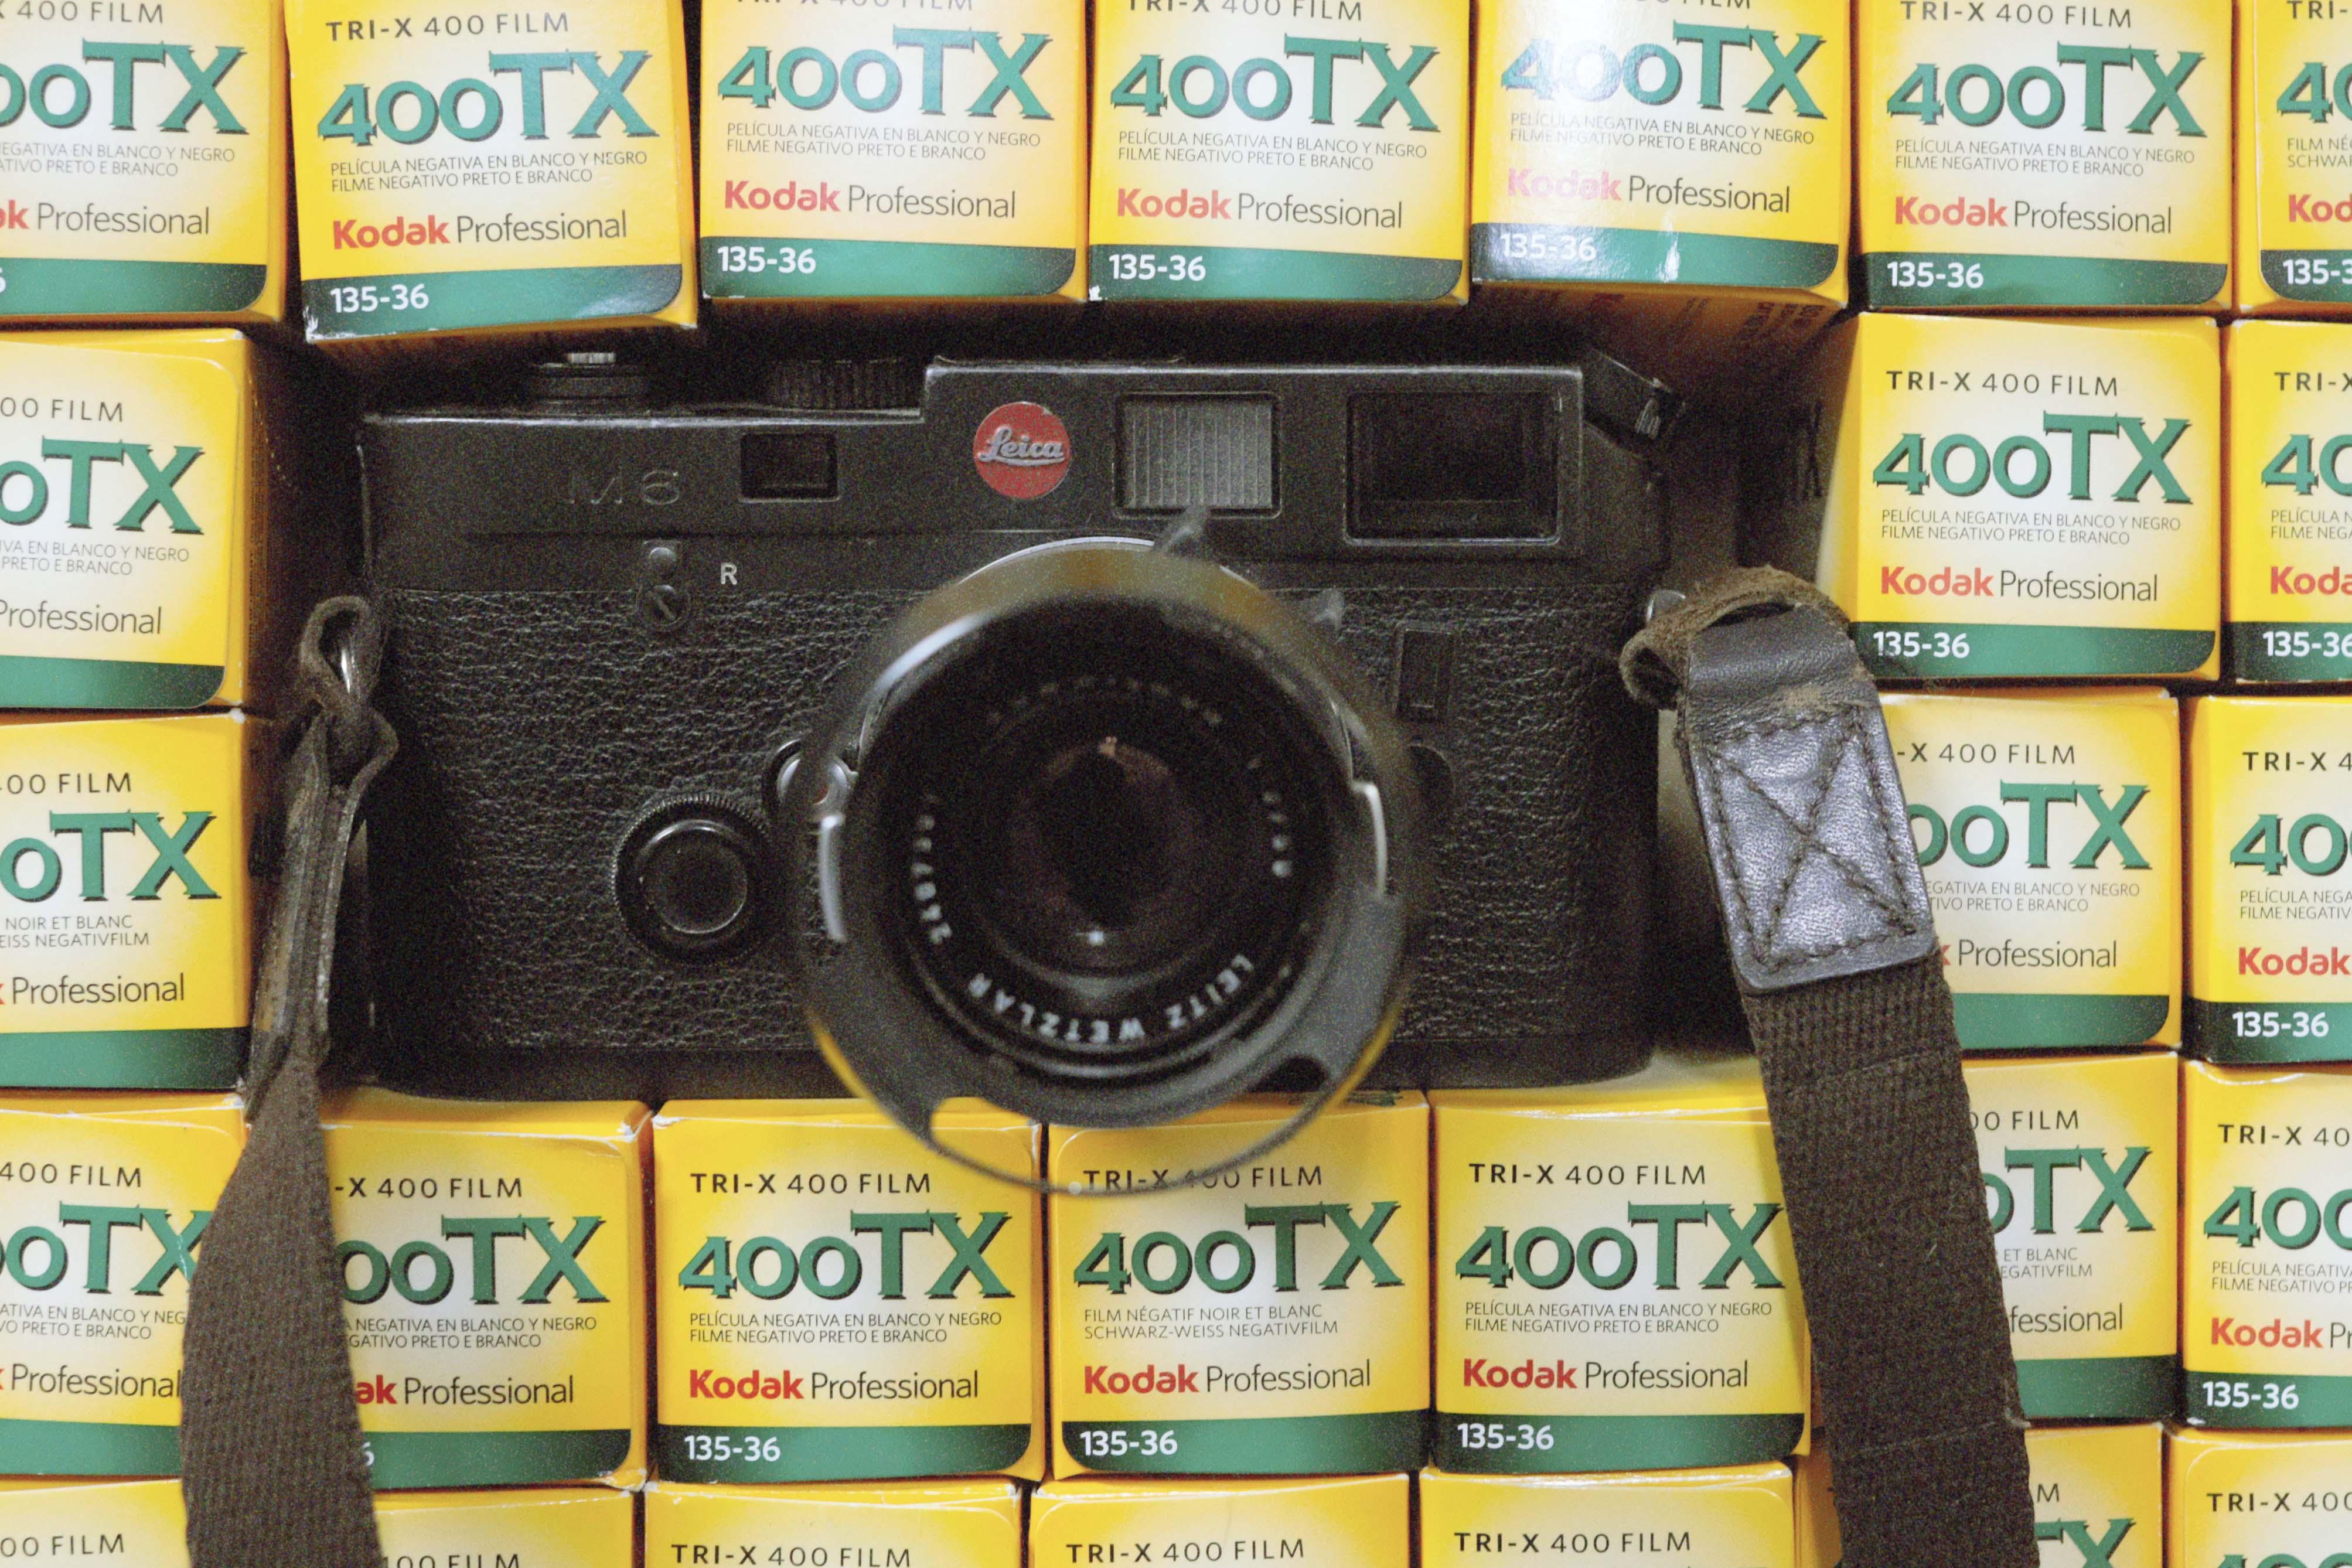 フィルムカメラ/写真の魅力 Leica社製 M6